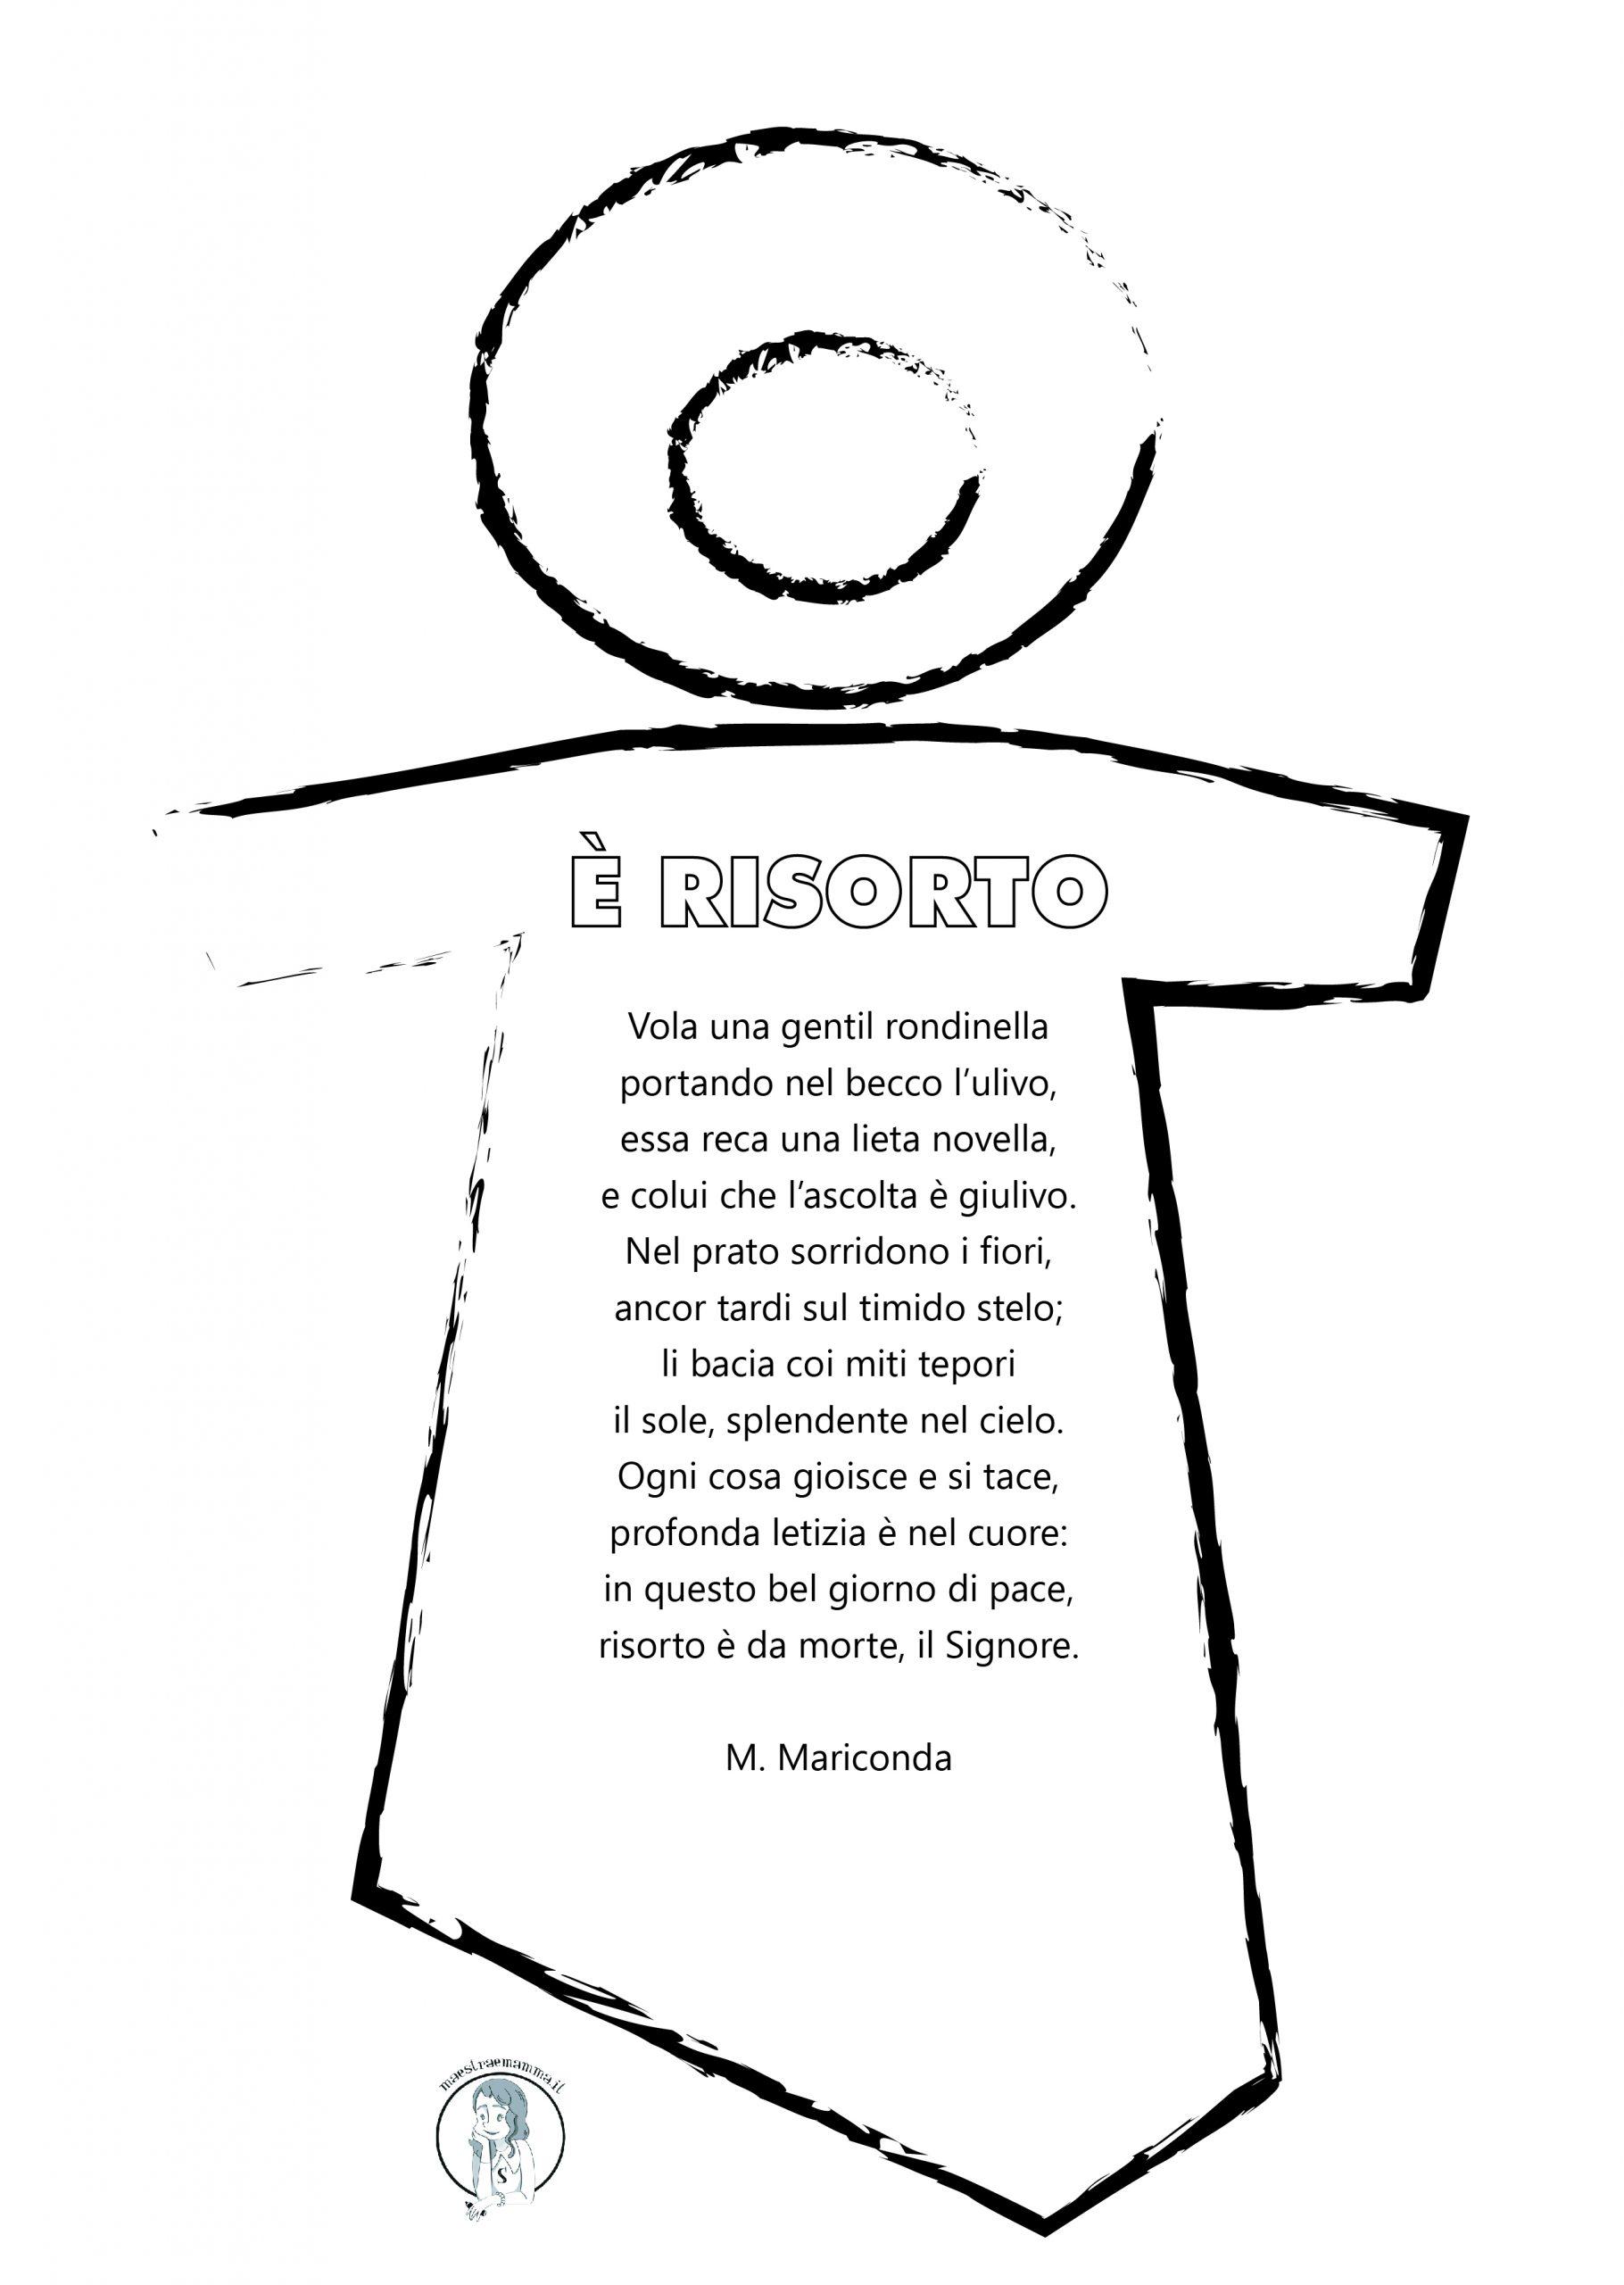 Pasqua-Poesia - E' risorto di Mariconda